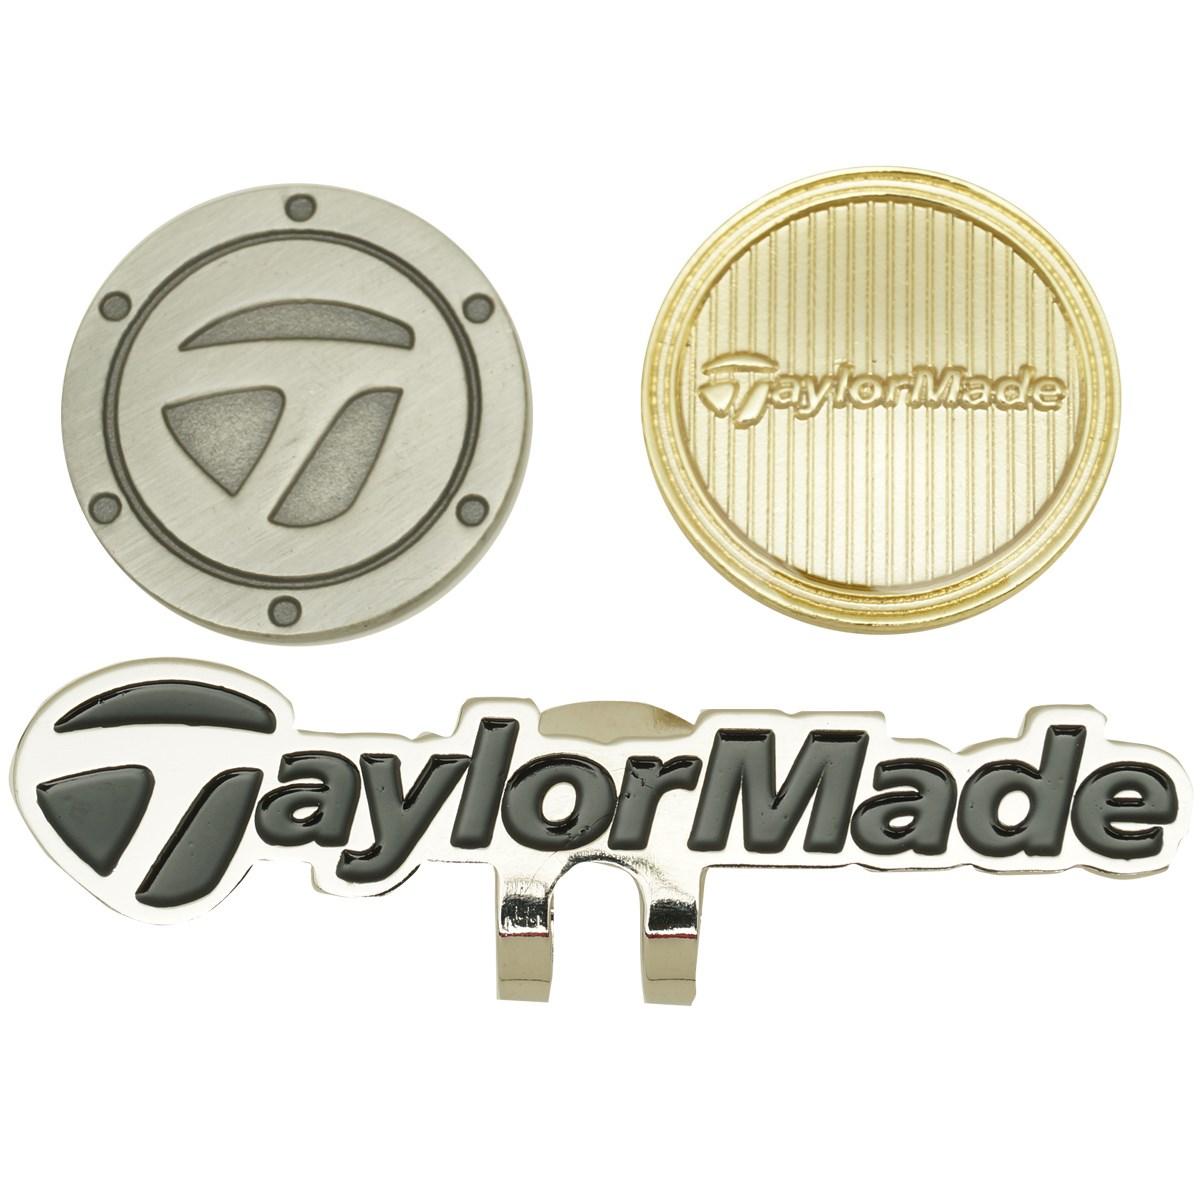 テーラーメイド(Taylor Made) コインマーカー